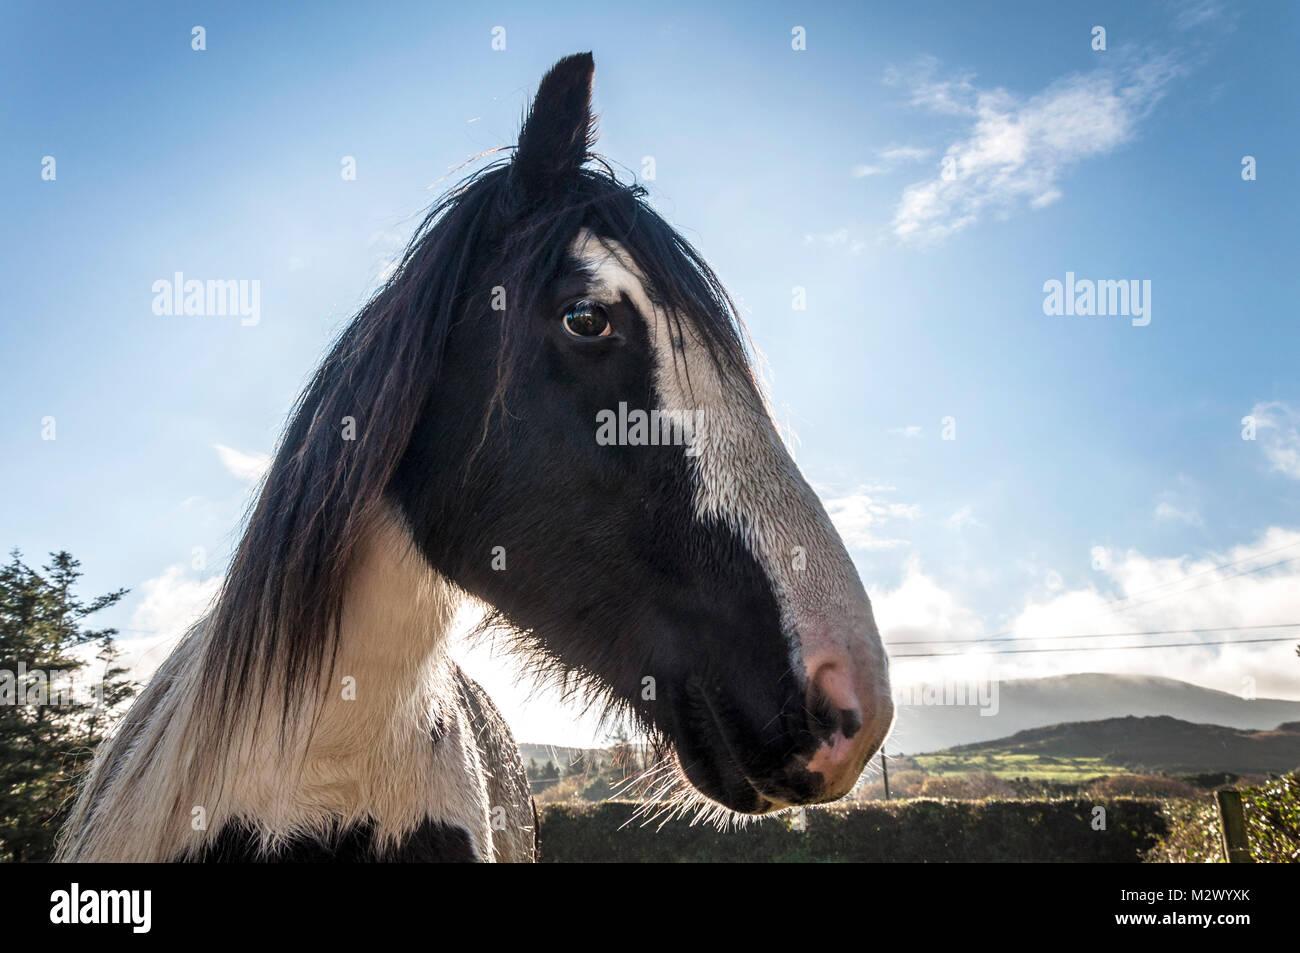 Ritratto di cavalli in un campo nella Contea di Donegal, Irlanda Immagini Stock